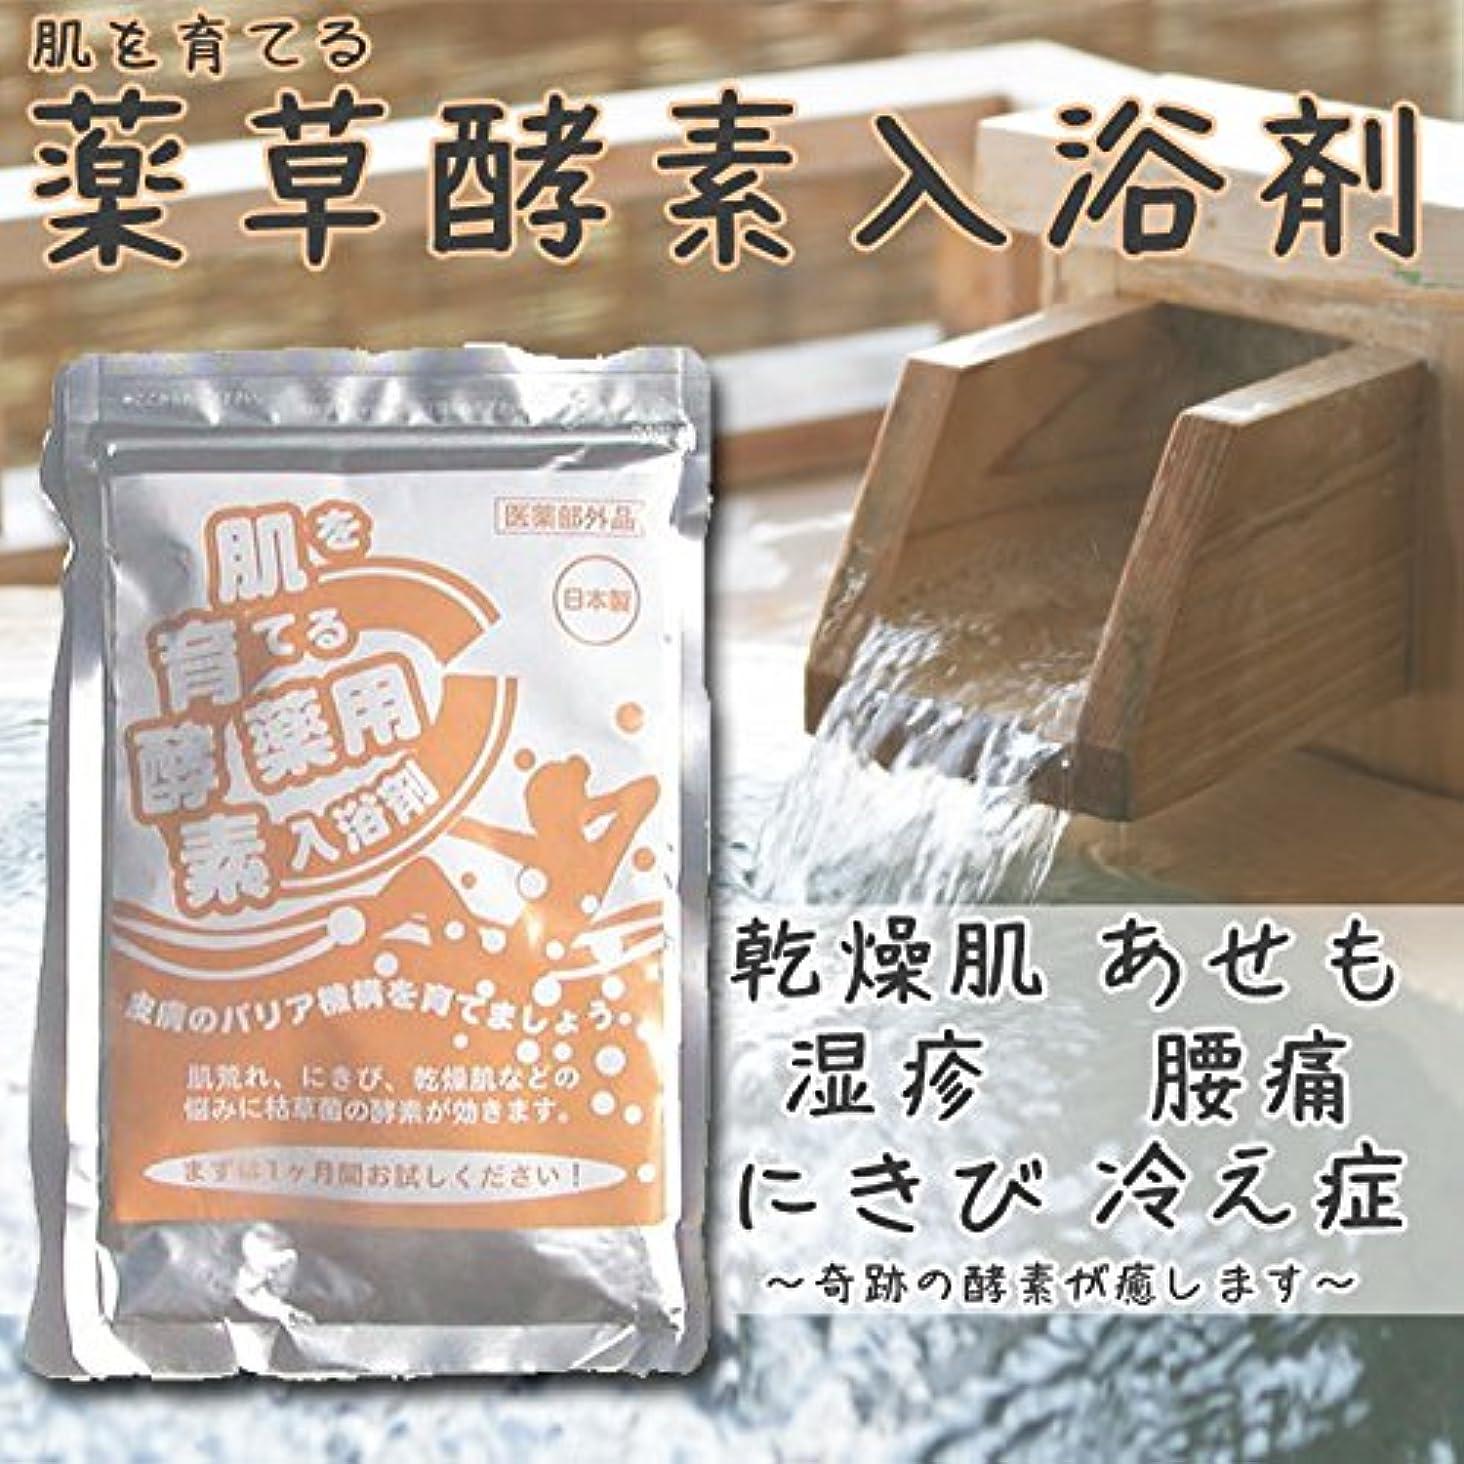 前任者最大ケイ素ハーティハート 薬用酵素入浴剤 洗顔料 粉末 300g